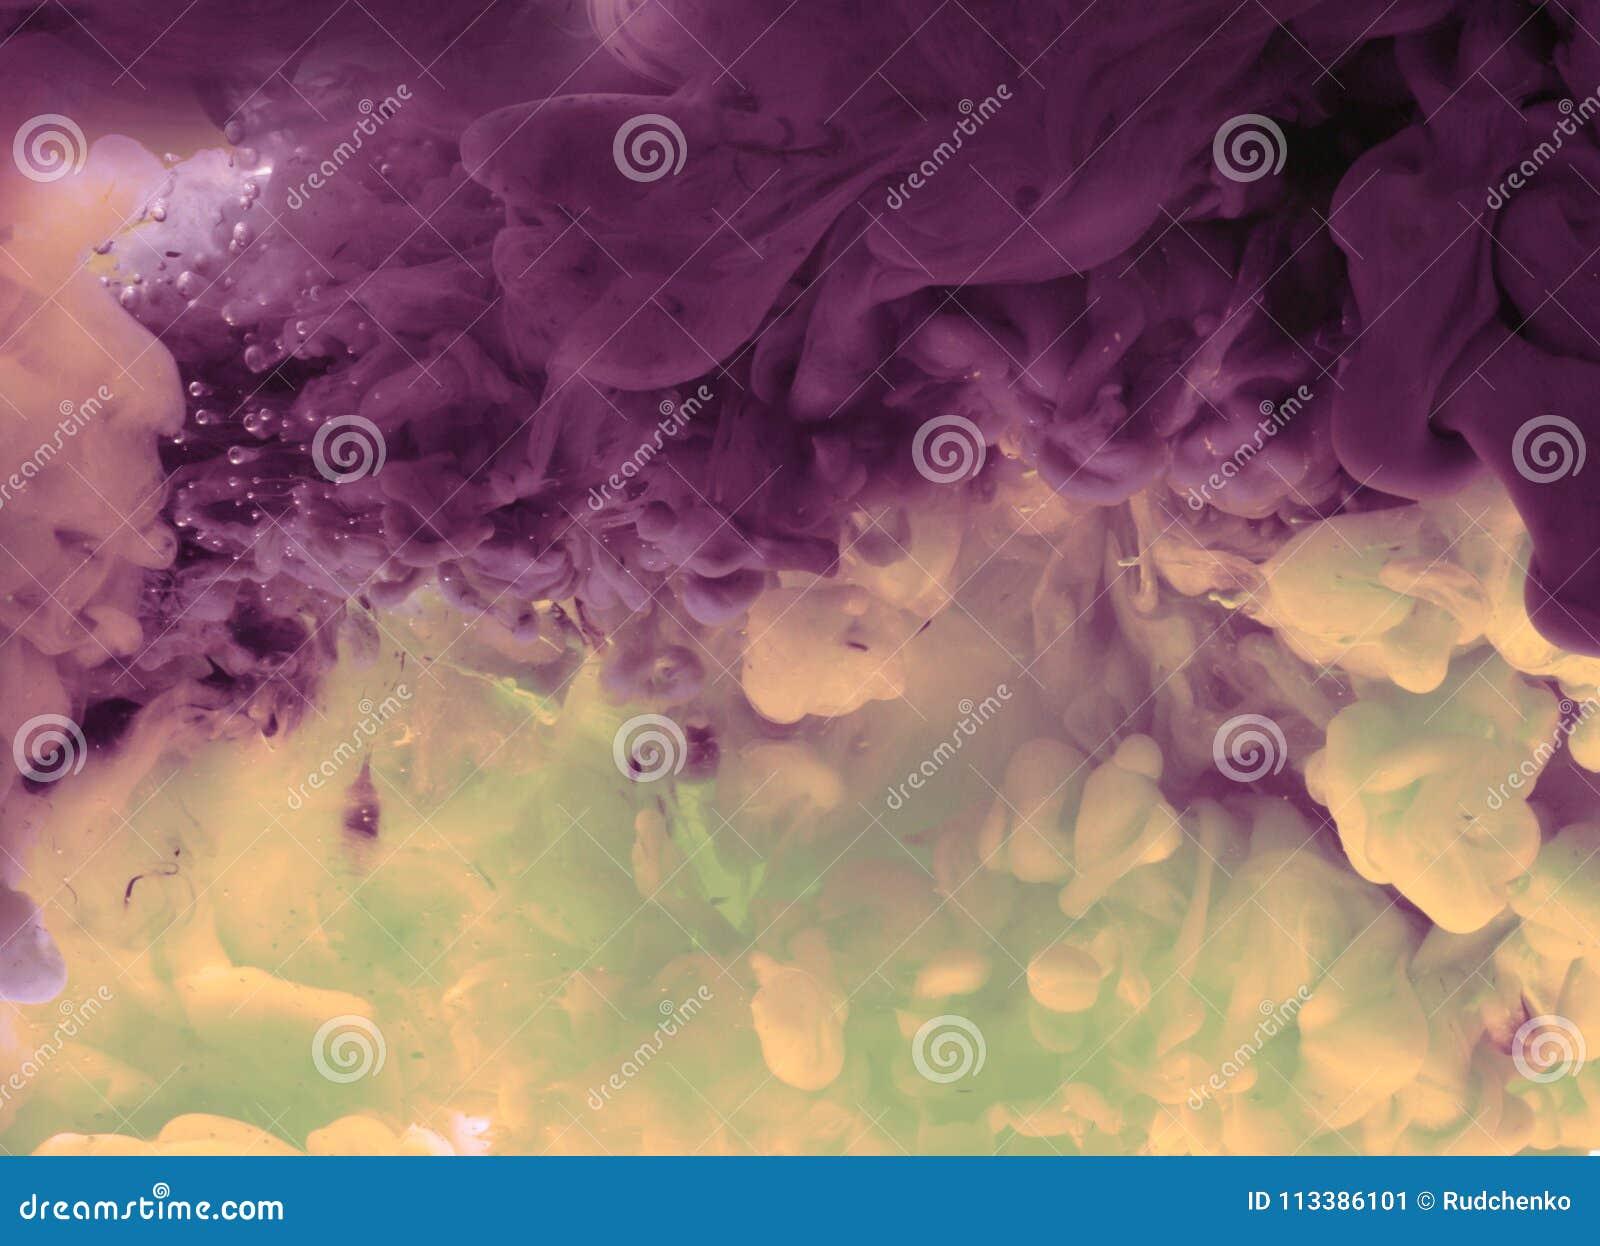 Акриловые цветы в воде абстрактная предпосылка